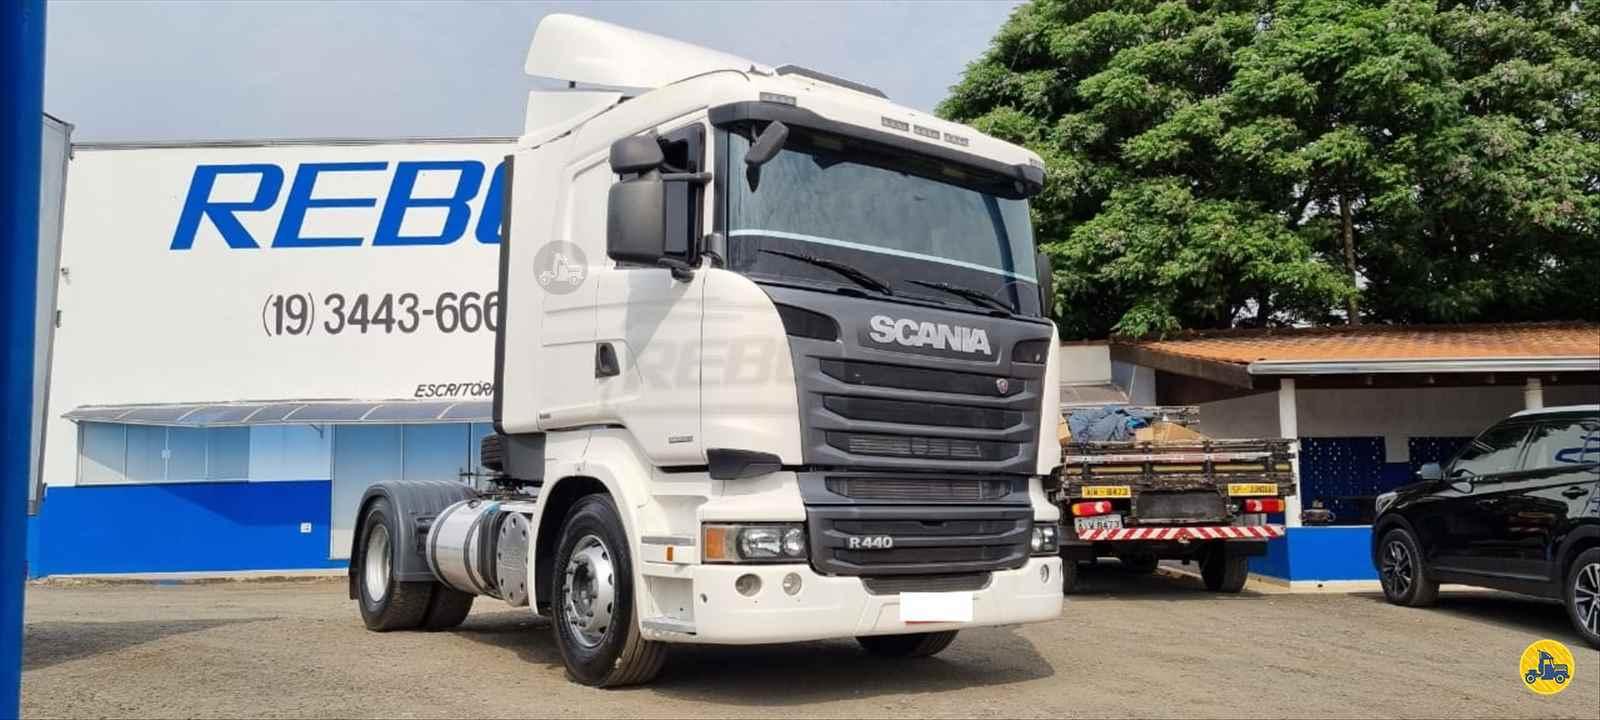 SCANIA 440 de Rebocks - LIMEIRA/SP